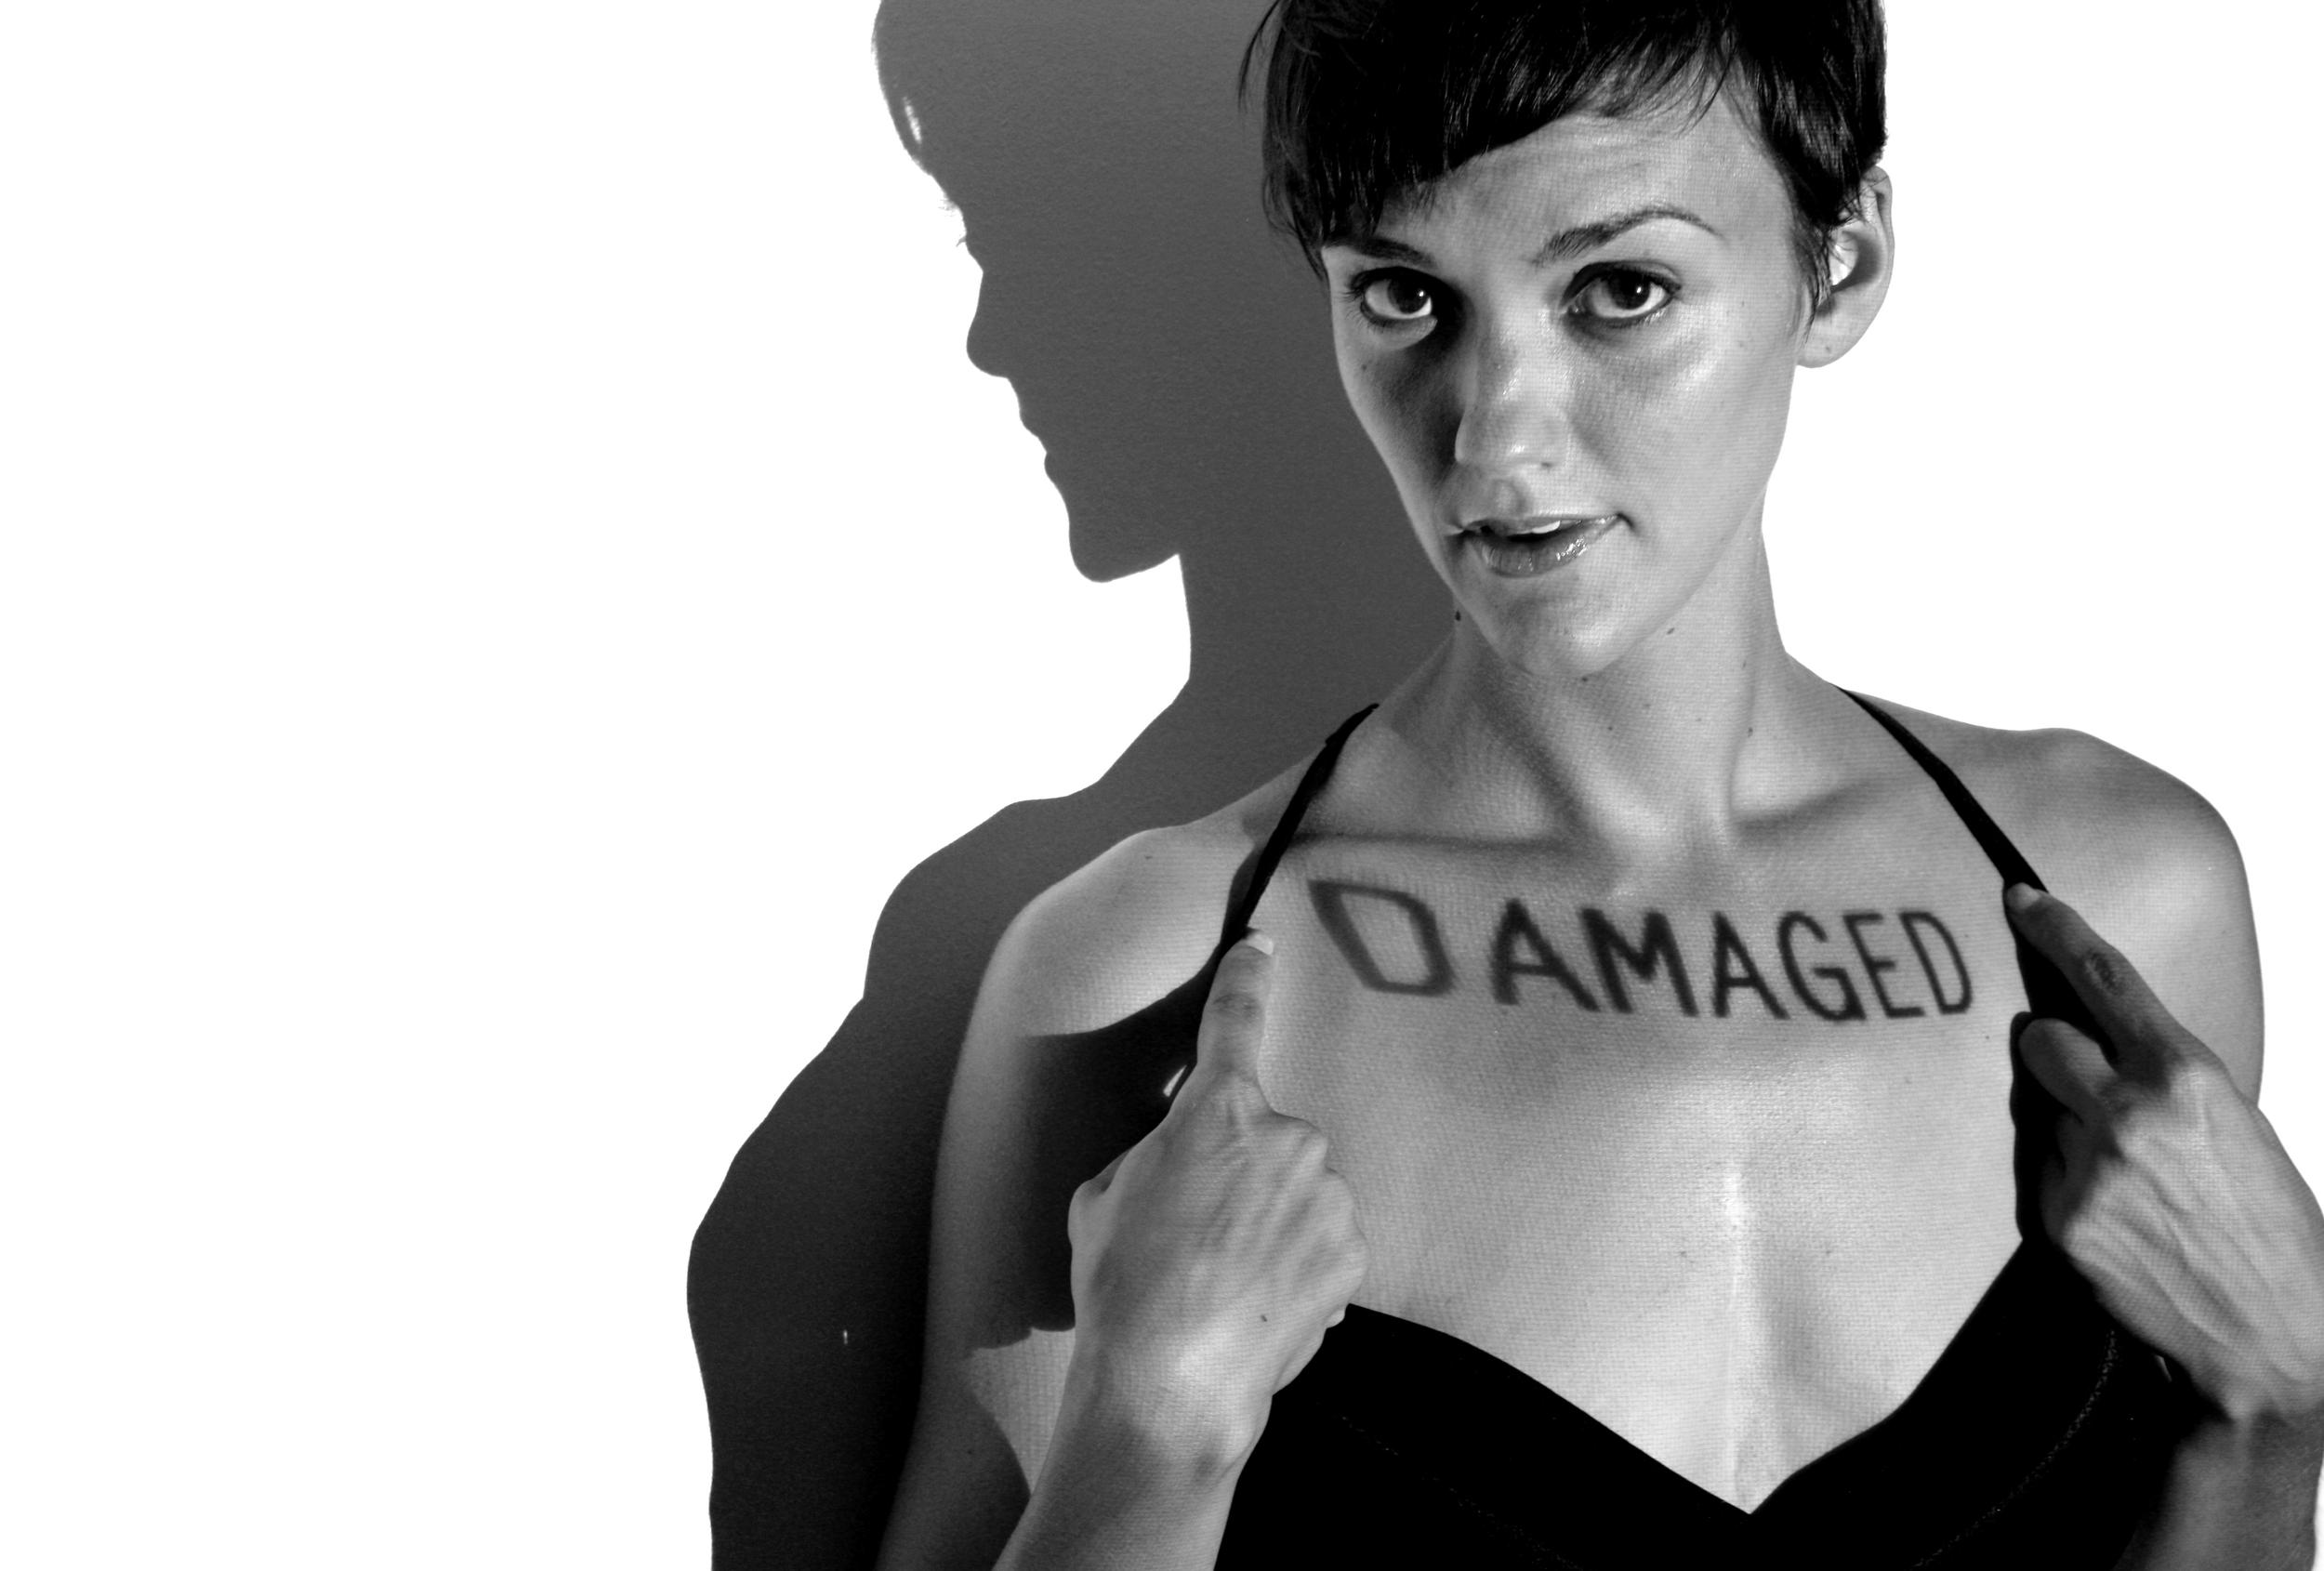 Leah_Damaged_B&W__WeWoreTheMasks.jpg